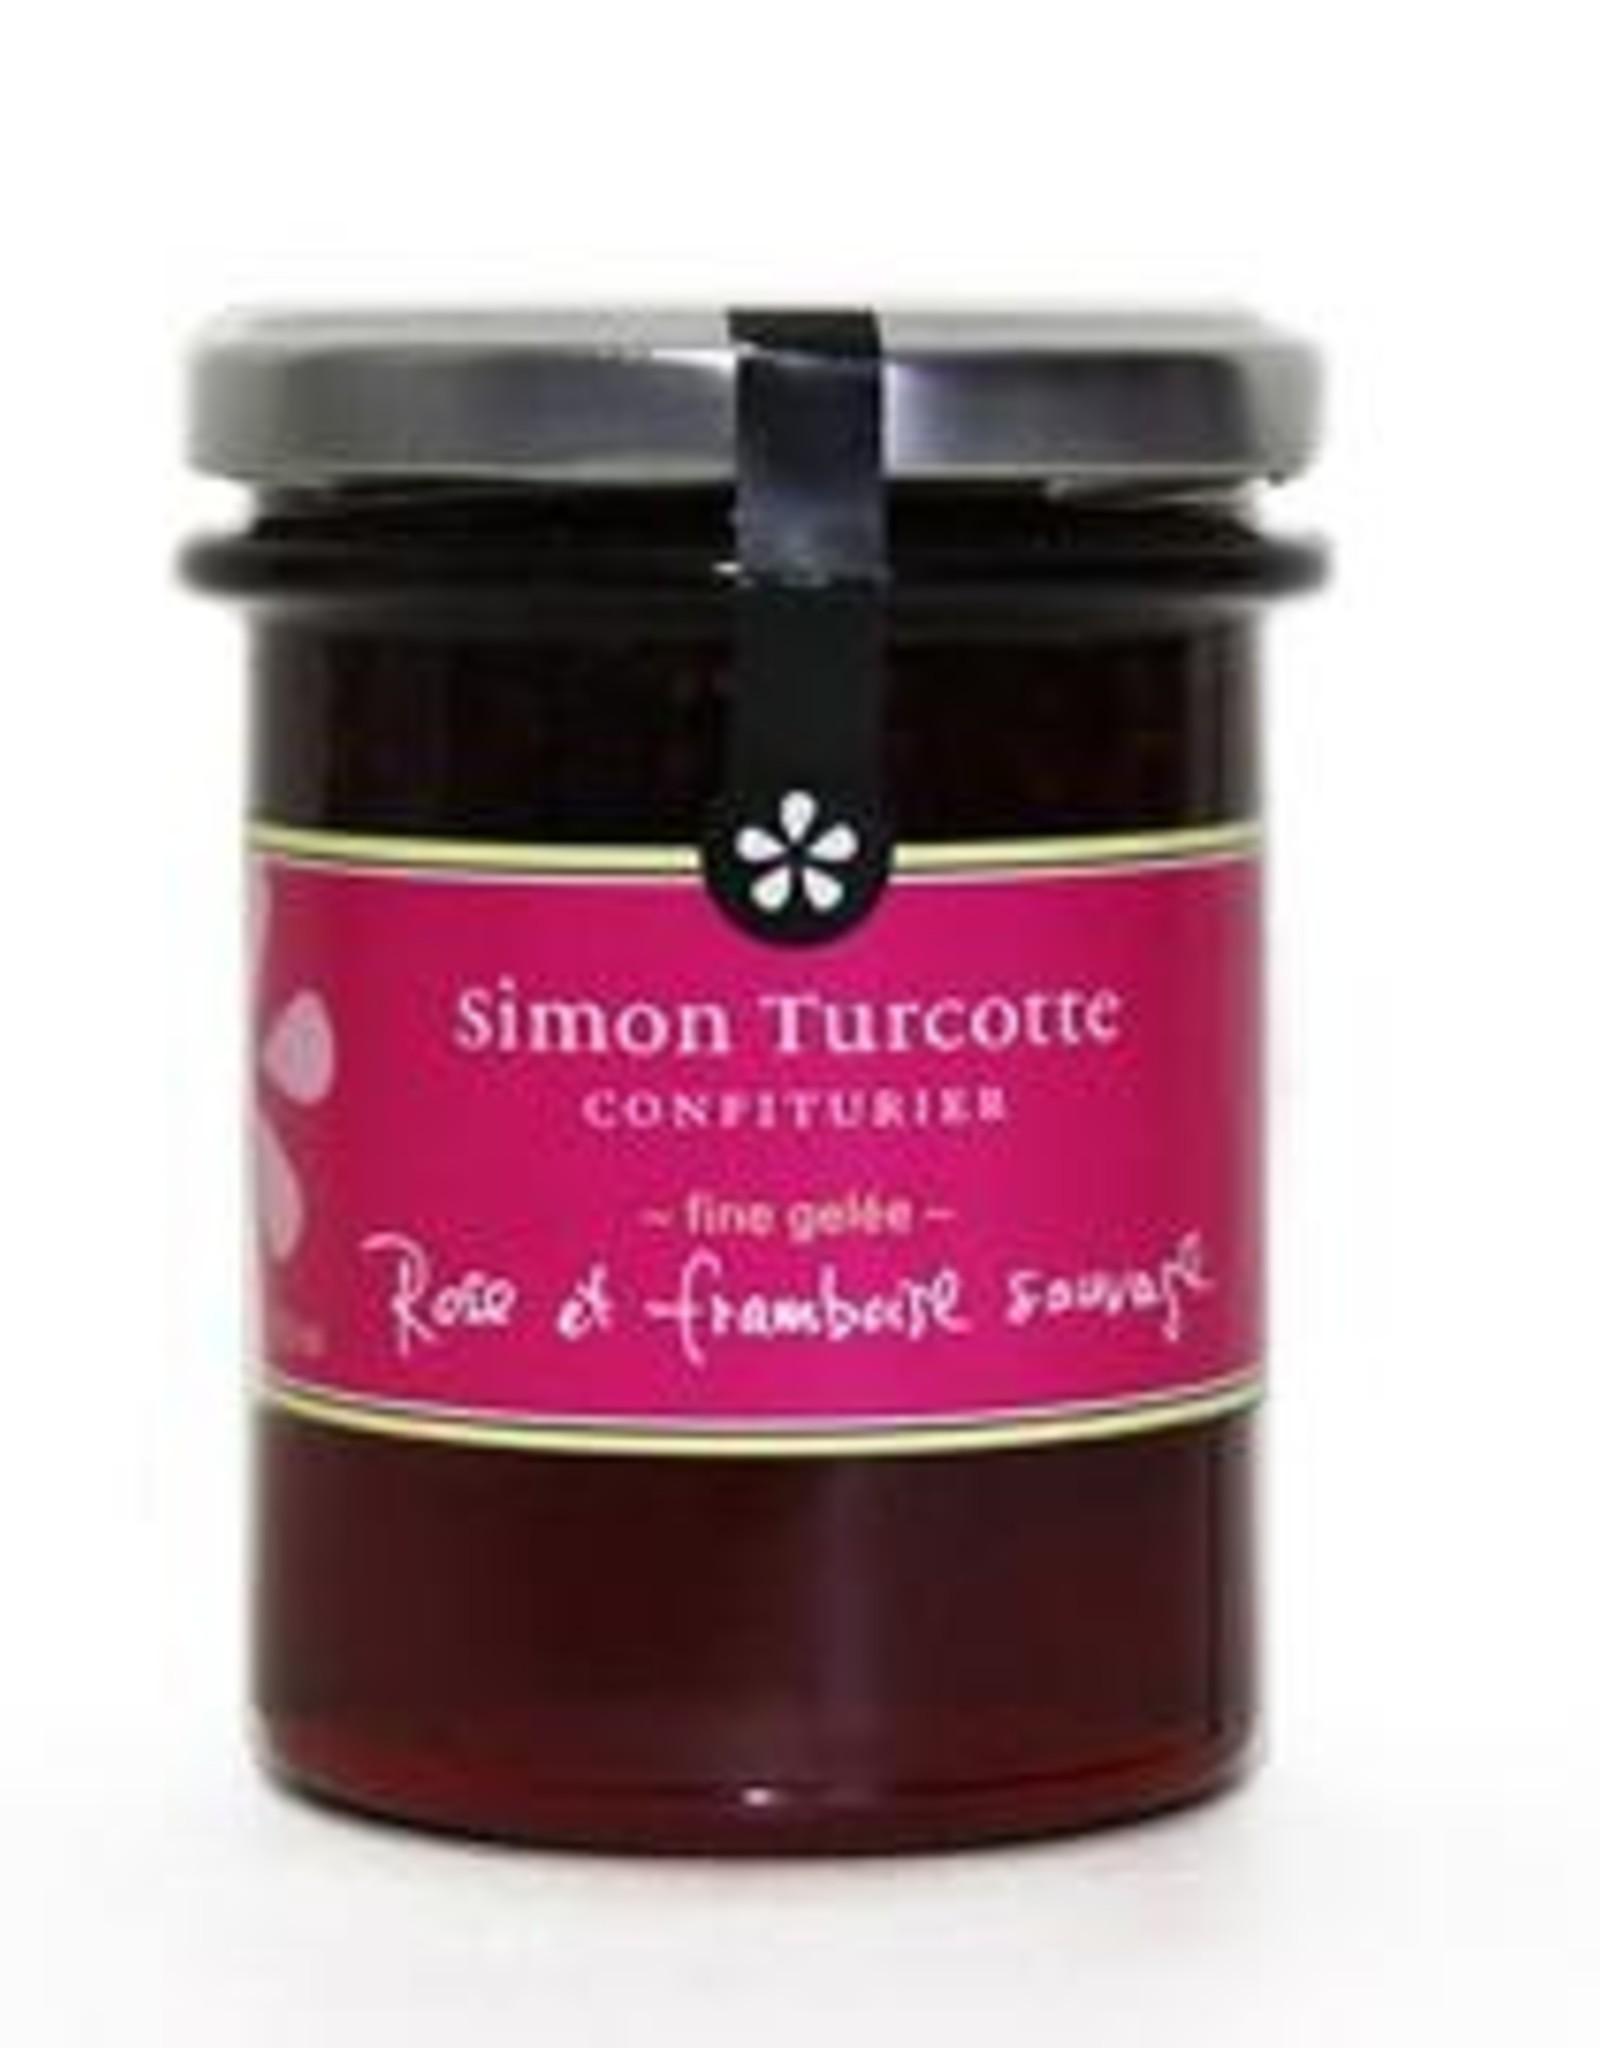 Simon Turcotte confiturier Gelée  Rose sauvage et framboise